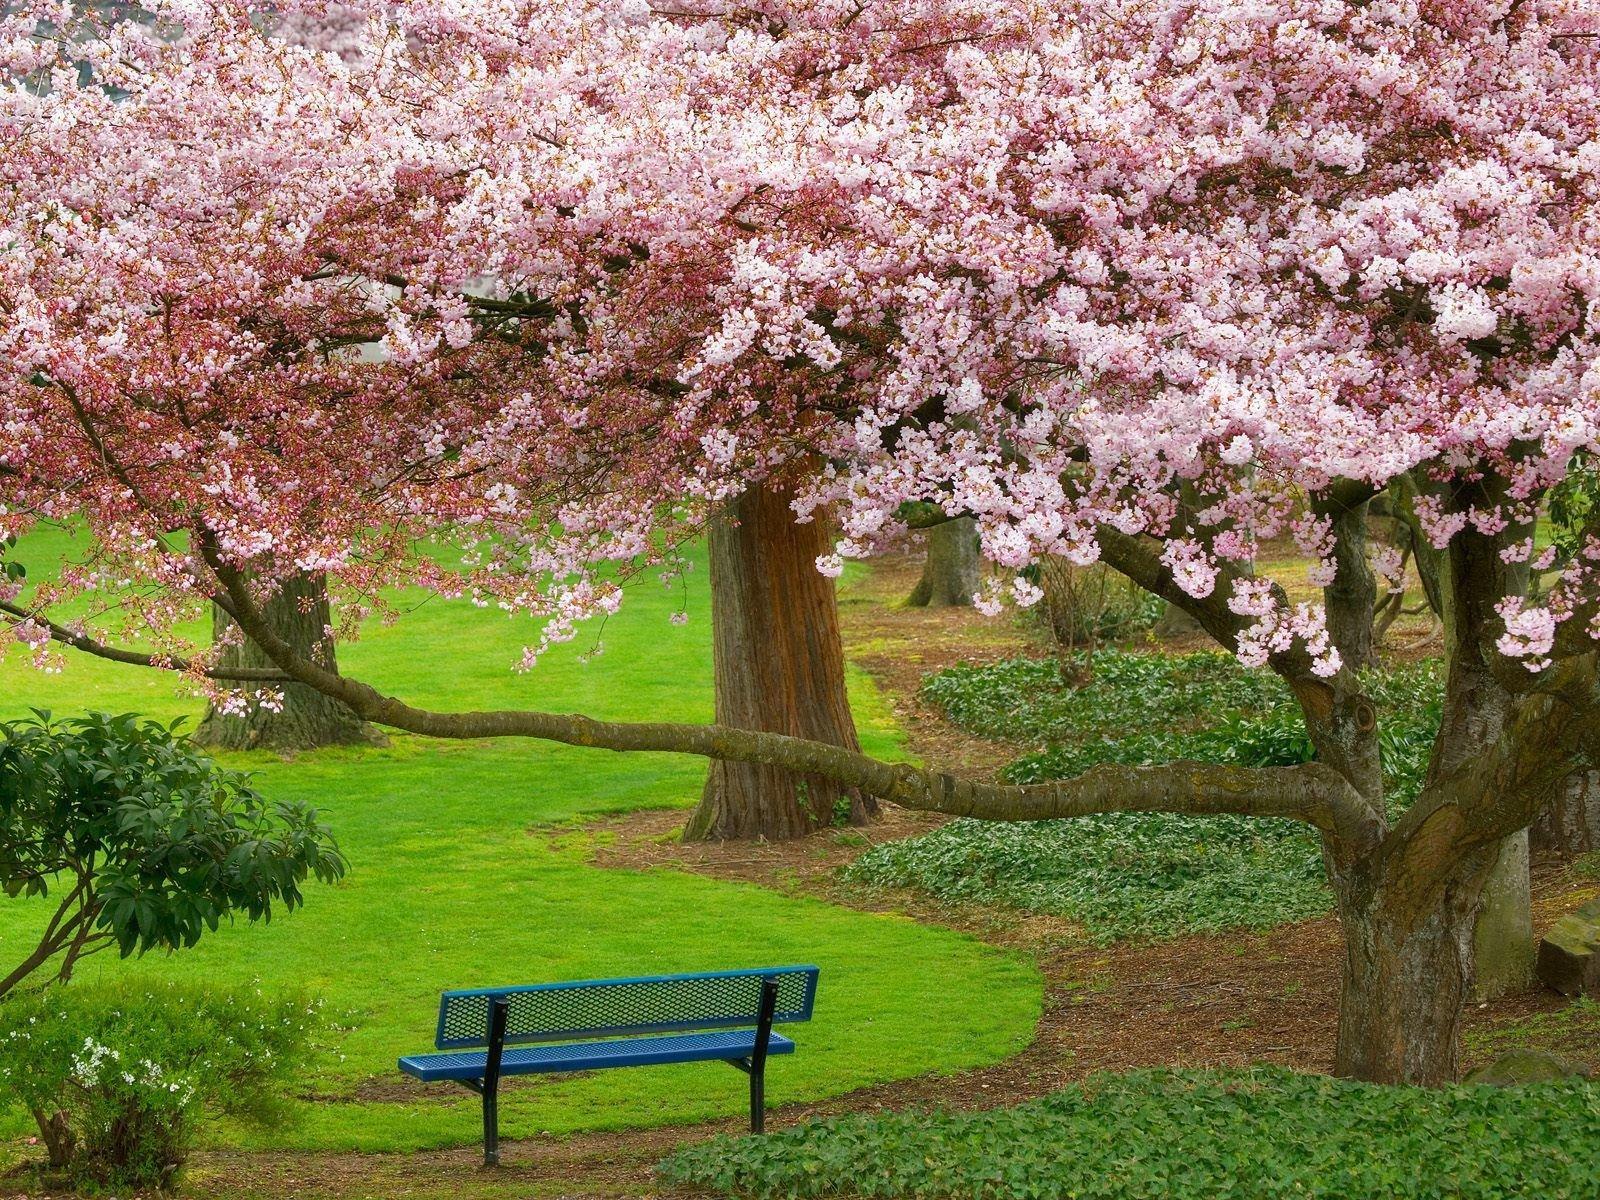 صوره صور فصل الربيع , اروع الصور لفصل الربيع